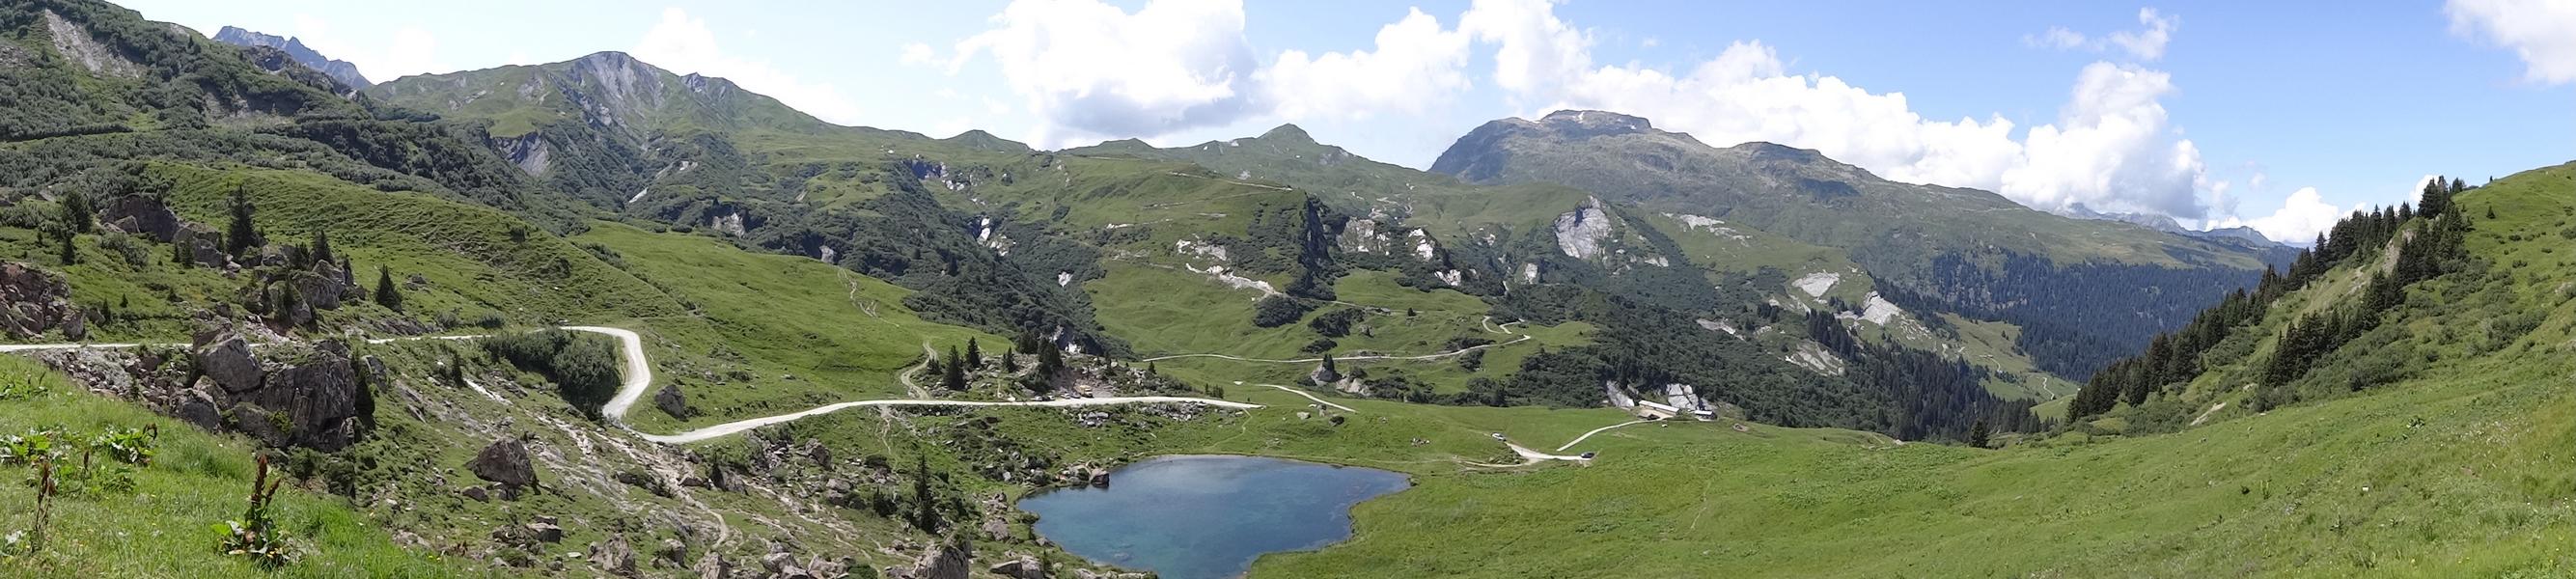 Le lac des Fées avec, de gauche à droite : le Crêt du Boeuf, la Pointe du Riondet et le Grand Mont